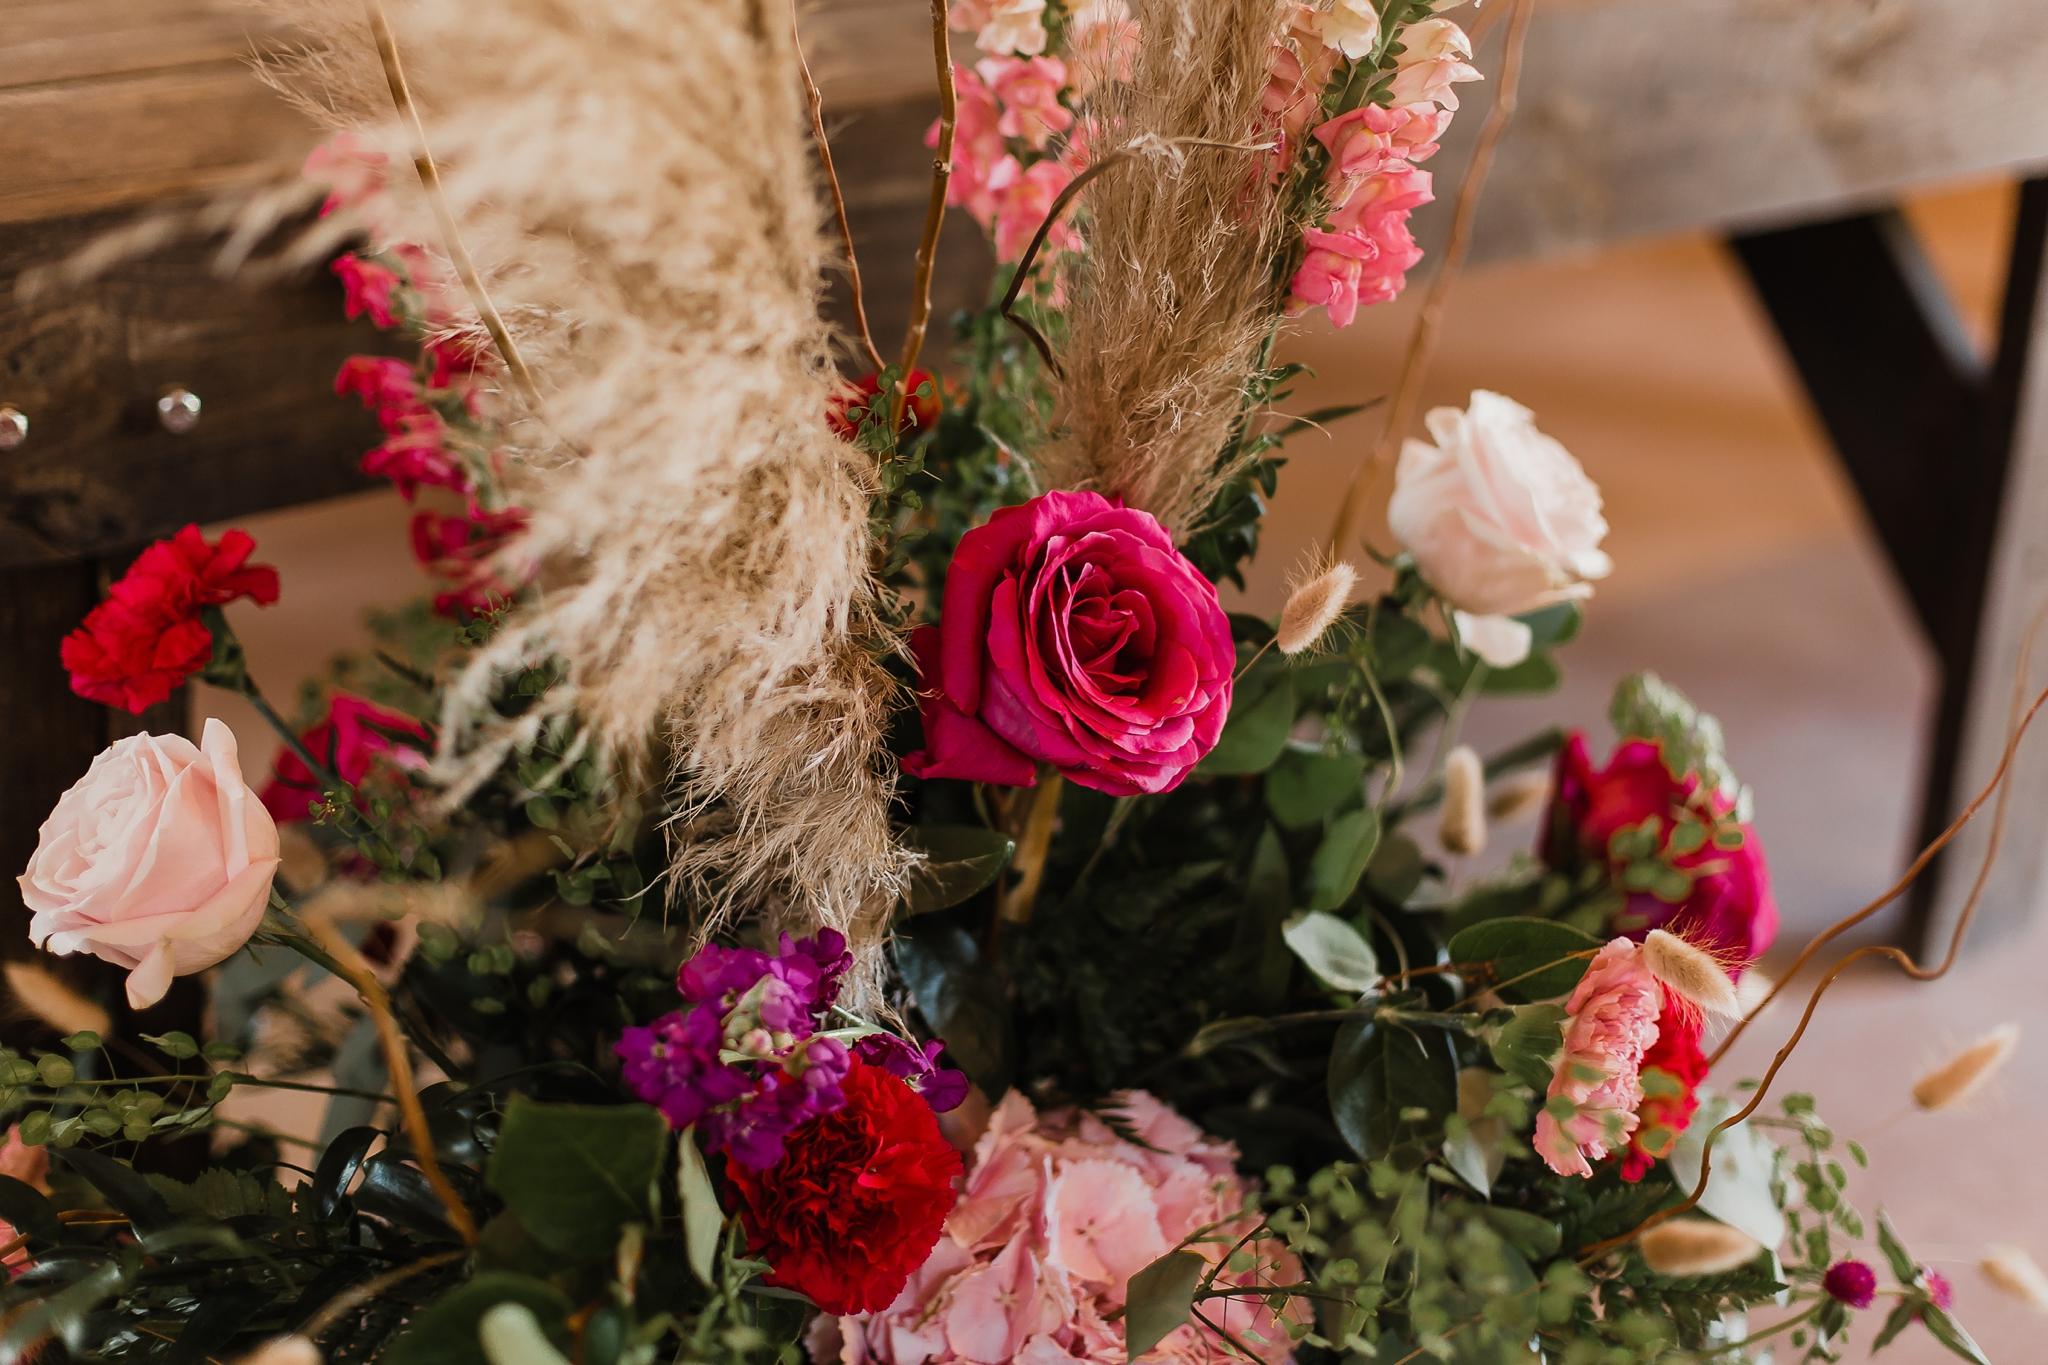 Alicia+lucia+photography+-+albuquerque+wedding+photographer+-+santa+fe+wedding+photography+-+new+mexico+wedding+photographer+-+new+mexico+wedding+-+new+mexico+wedding+-+barn+wedding+-+enchanted+vine+barn+wedding+-+ruidoso+wedding_0050.jpg